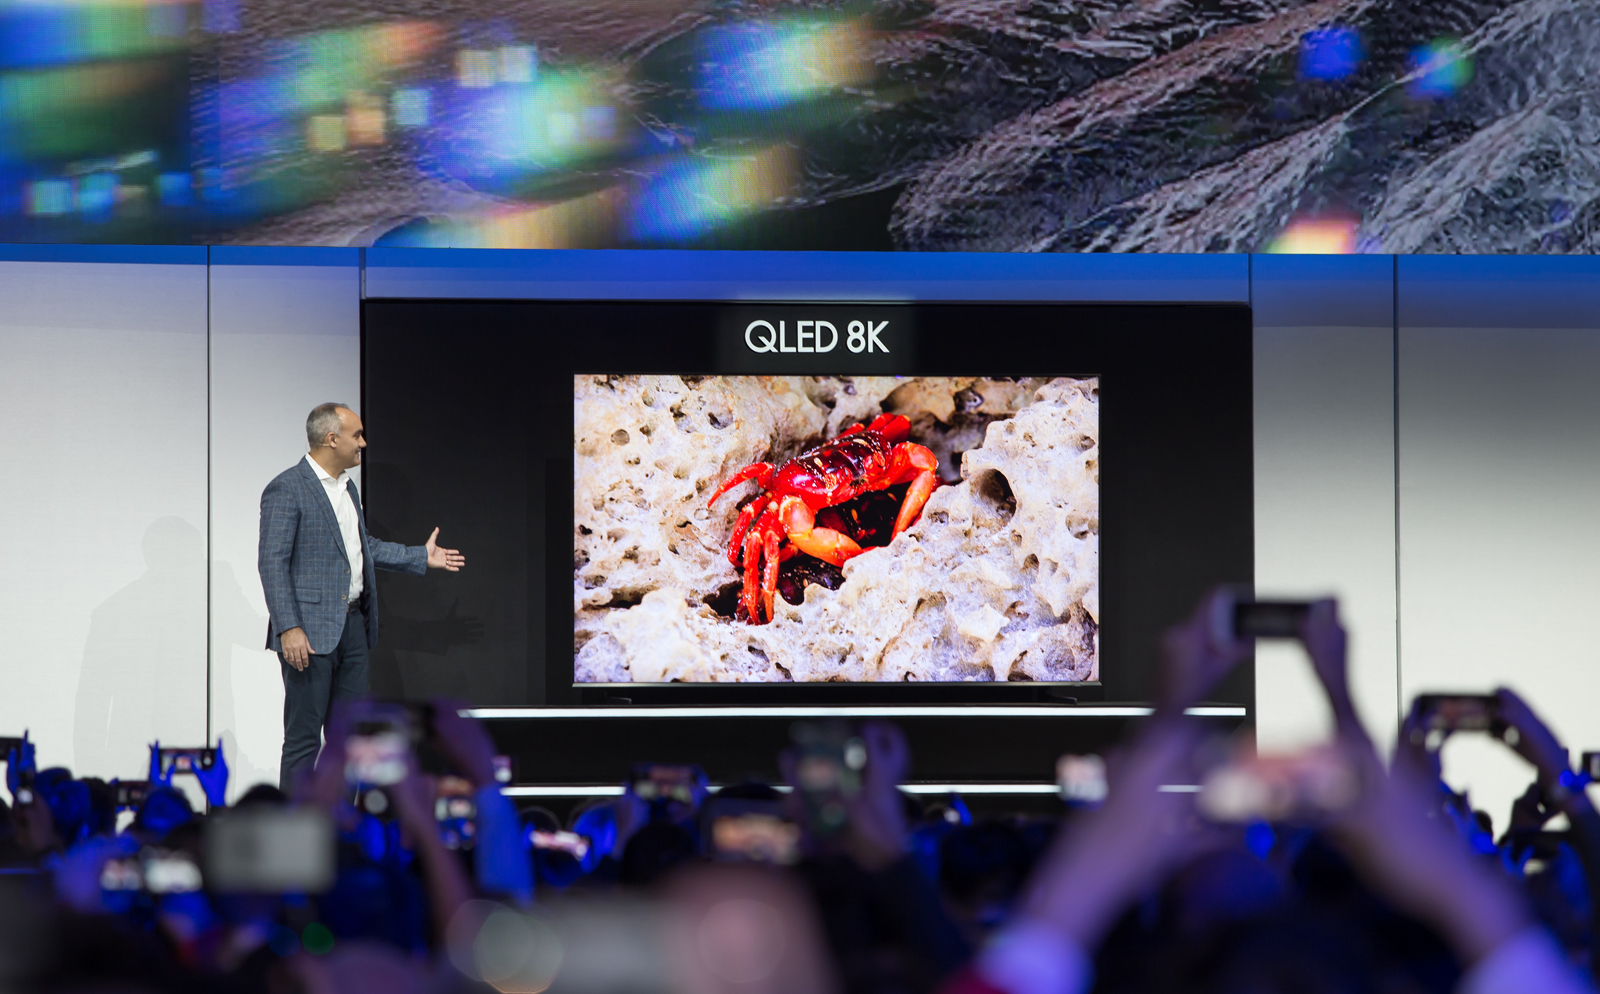 ▲ 미국법인 데이브 다스 상무가 98형 QLED 8K 제품을 최초로 공개하고 있다.